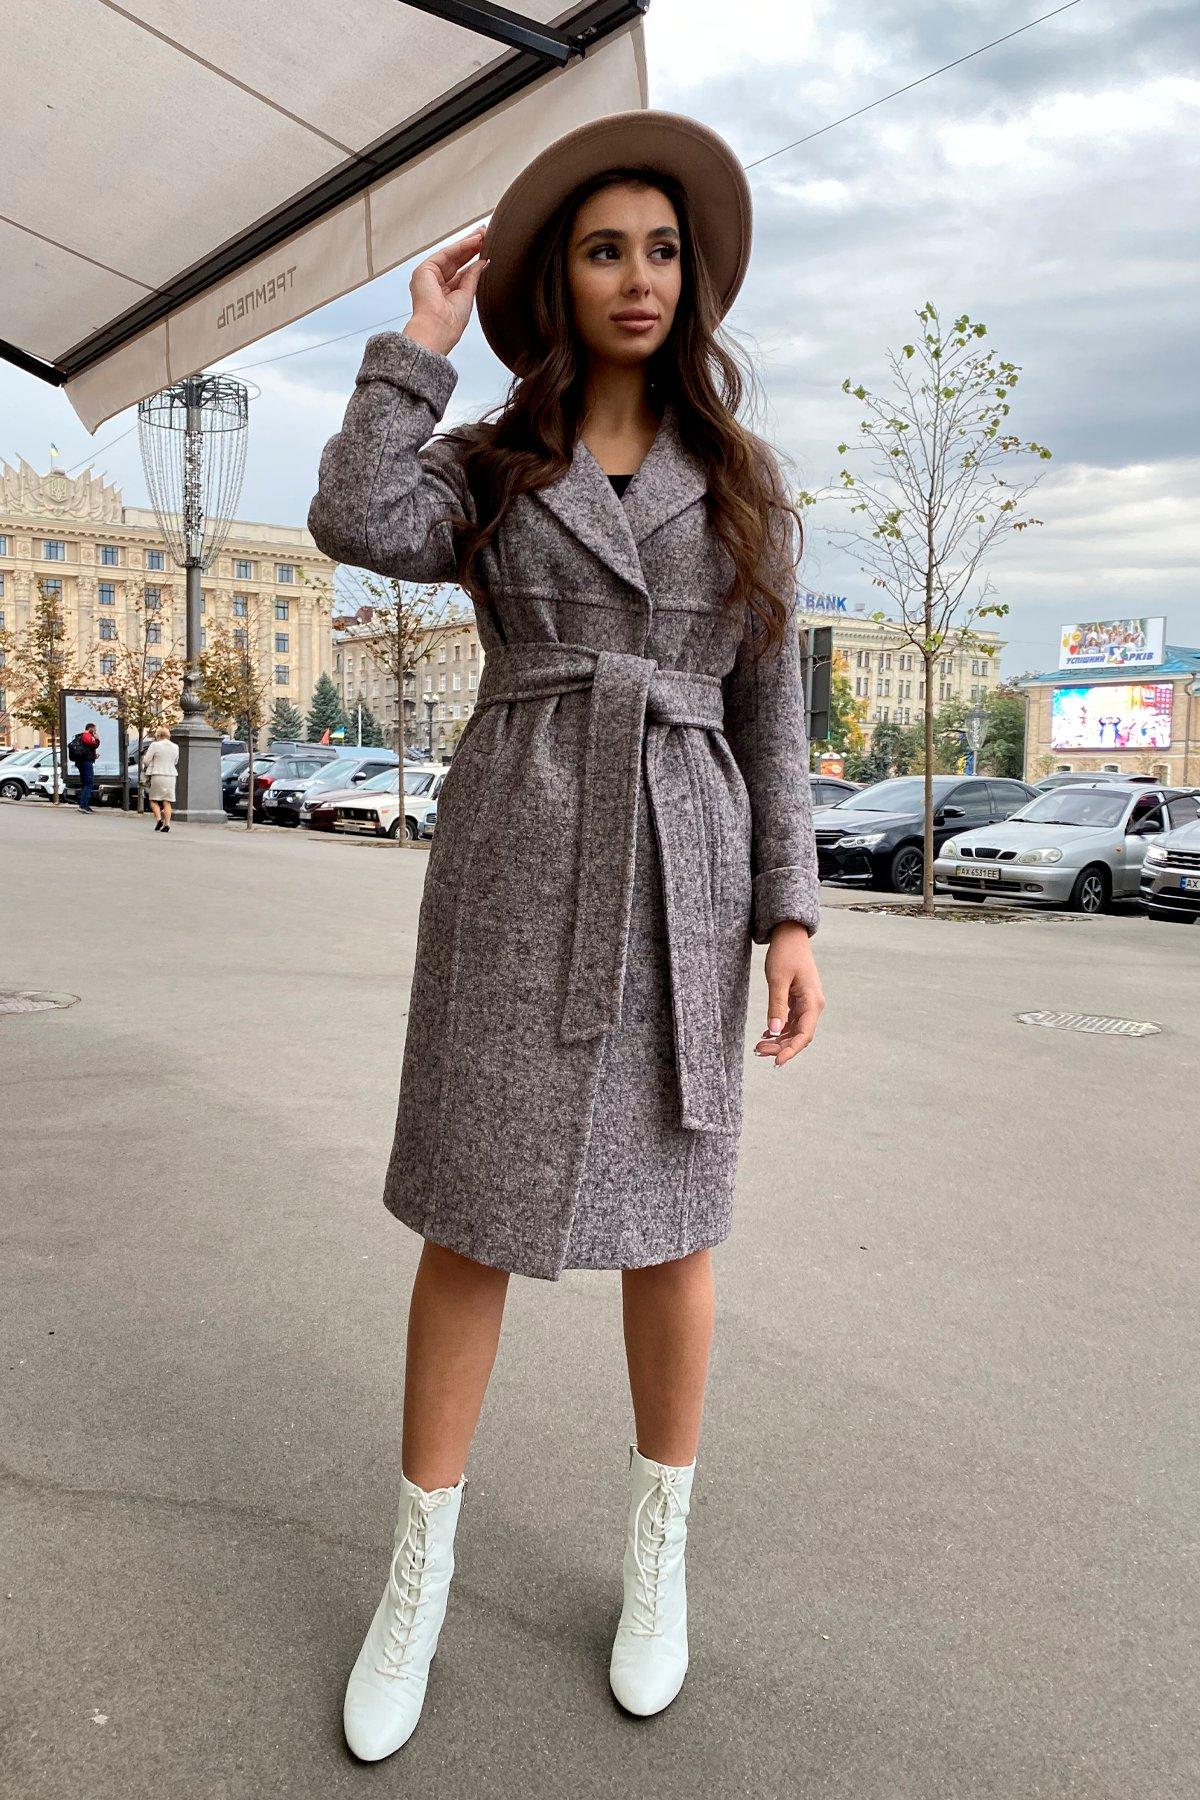 Пальто весна-осень c приспущенной линией плеча Фентези лайт 6365 АРТ. 41230 Цвет: Серо-розовый LW-25 - фото 16, интернет магазин tm-modus.ru